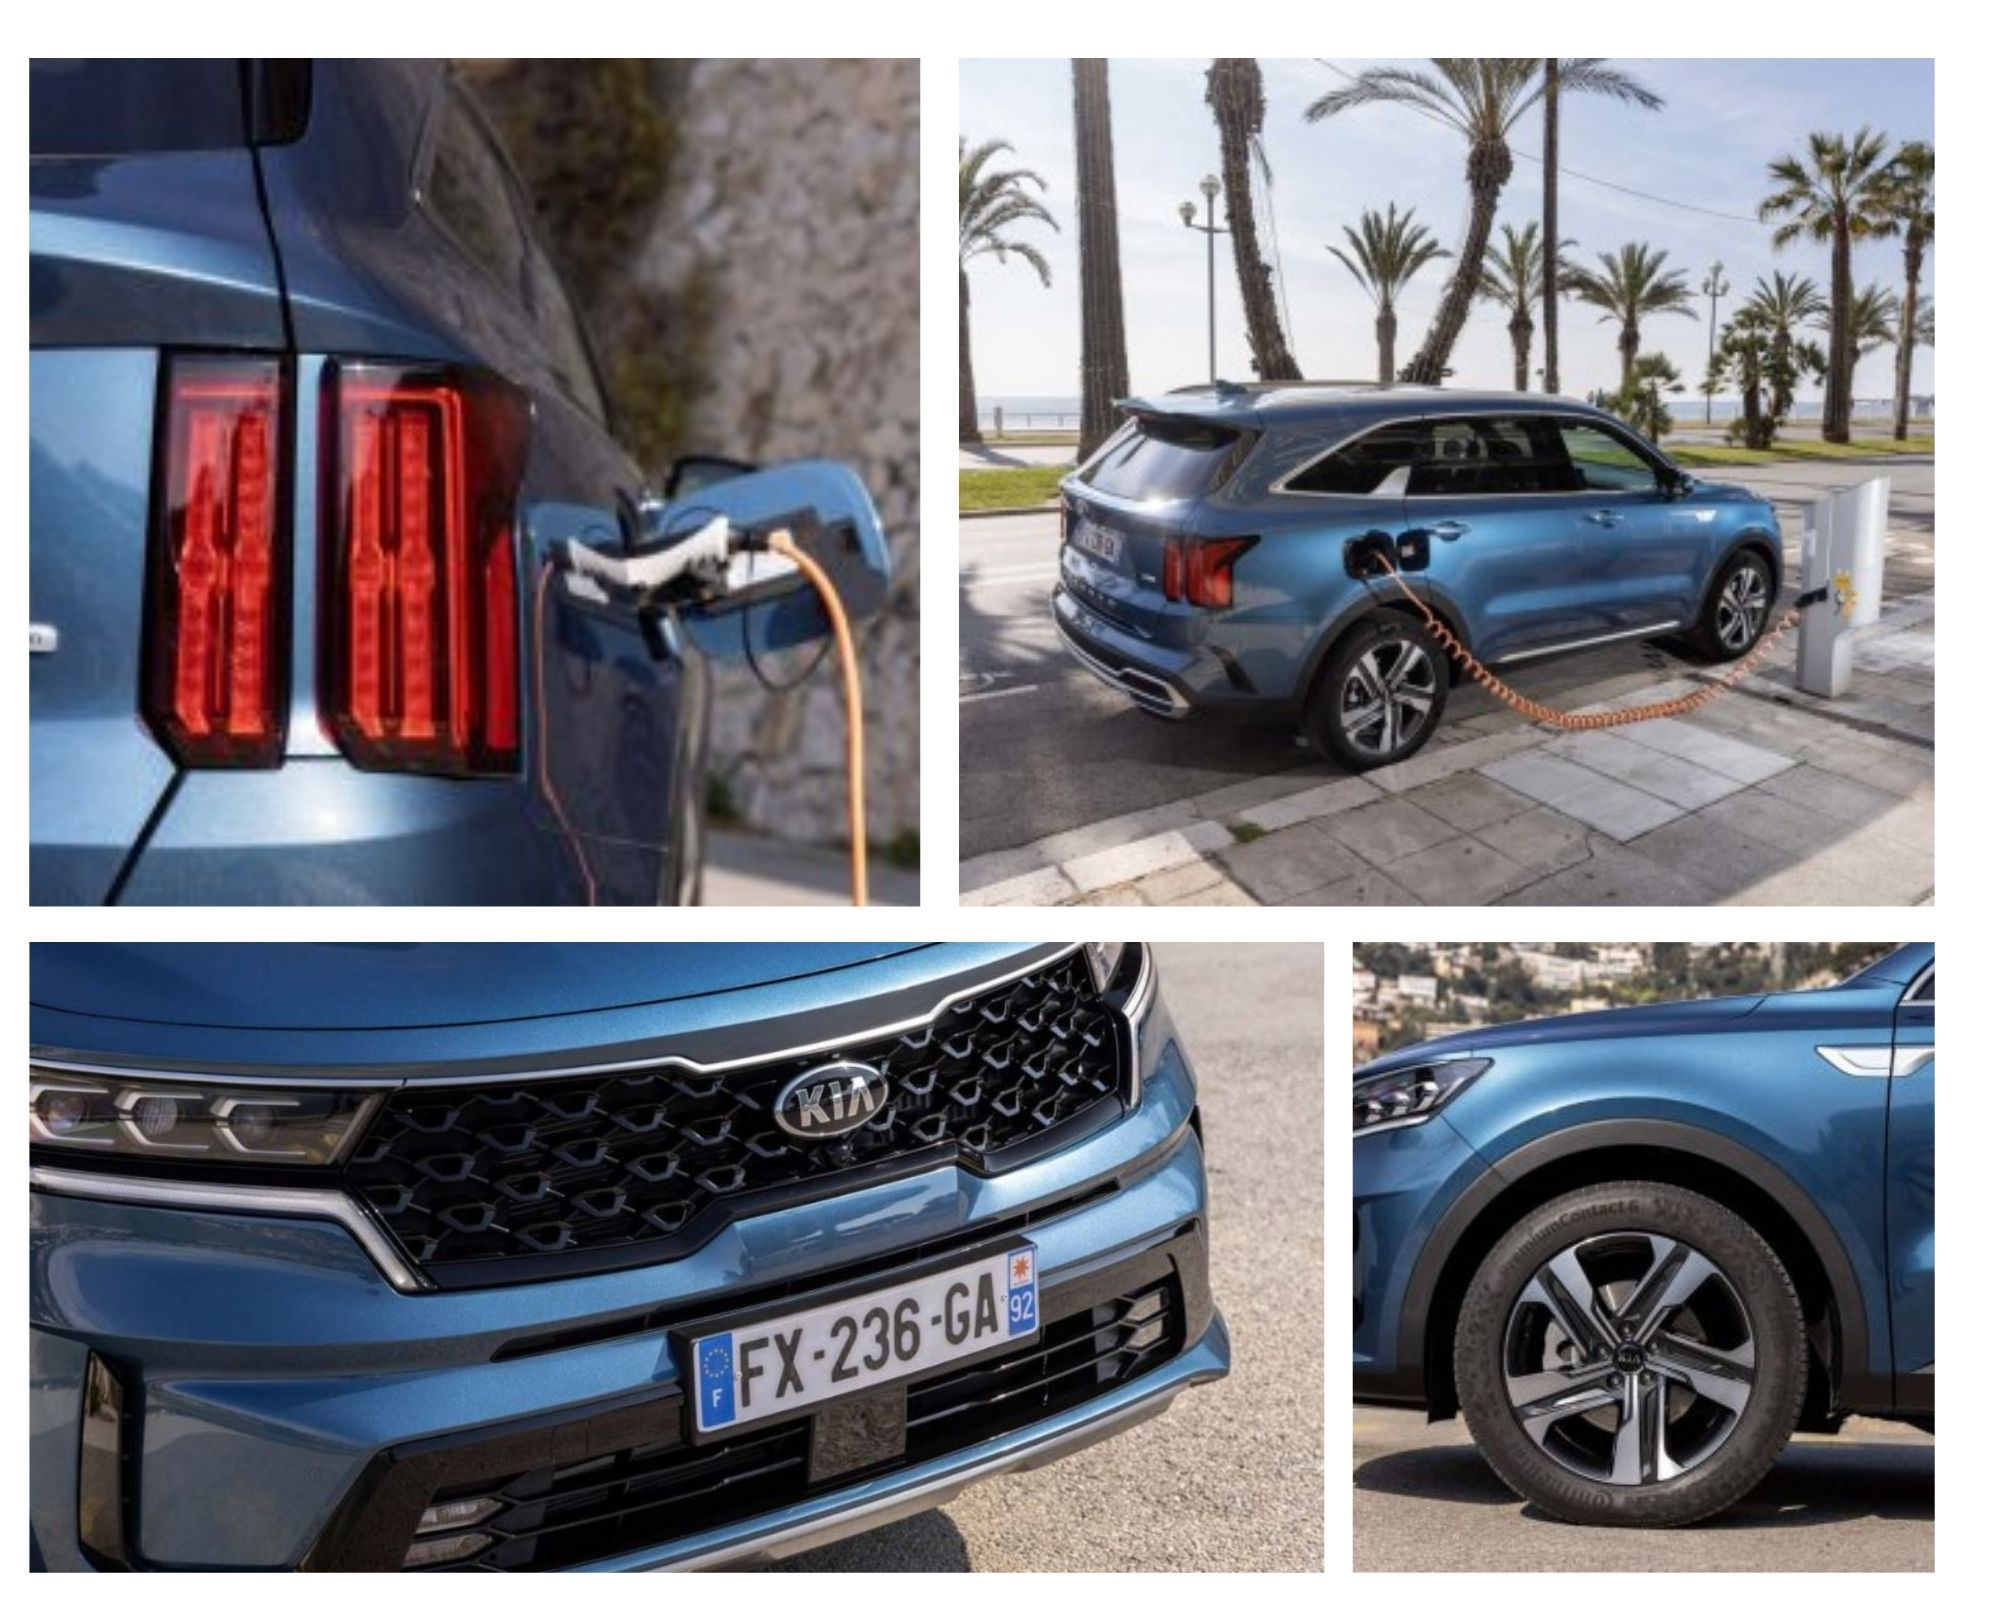 Le nouveau Kia Sorento arrive sur les routes Françaises !